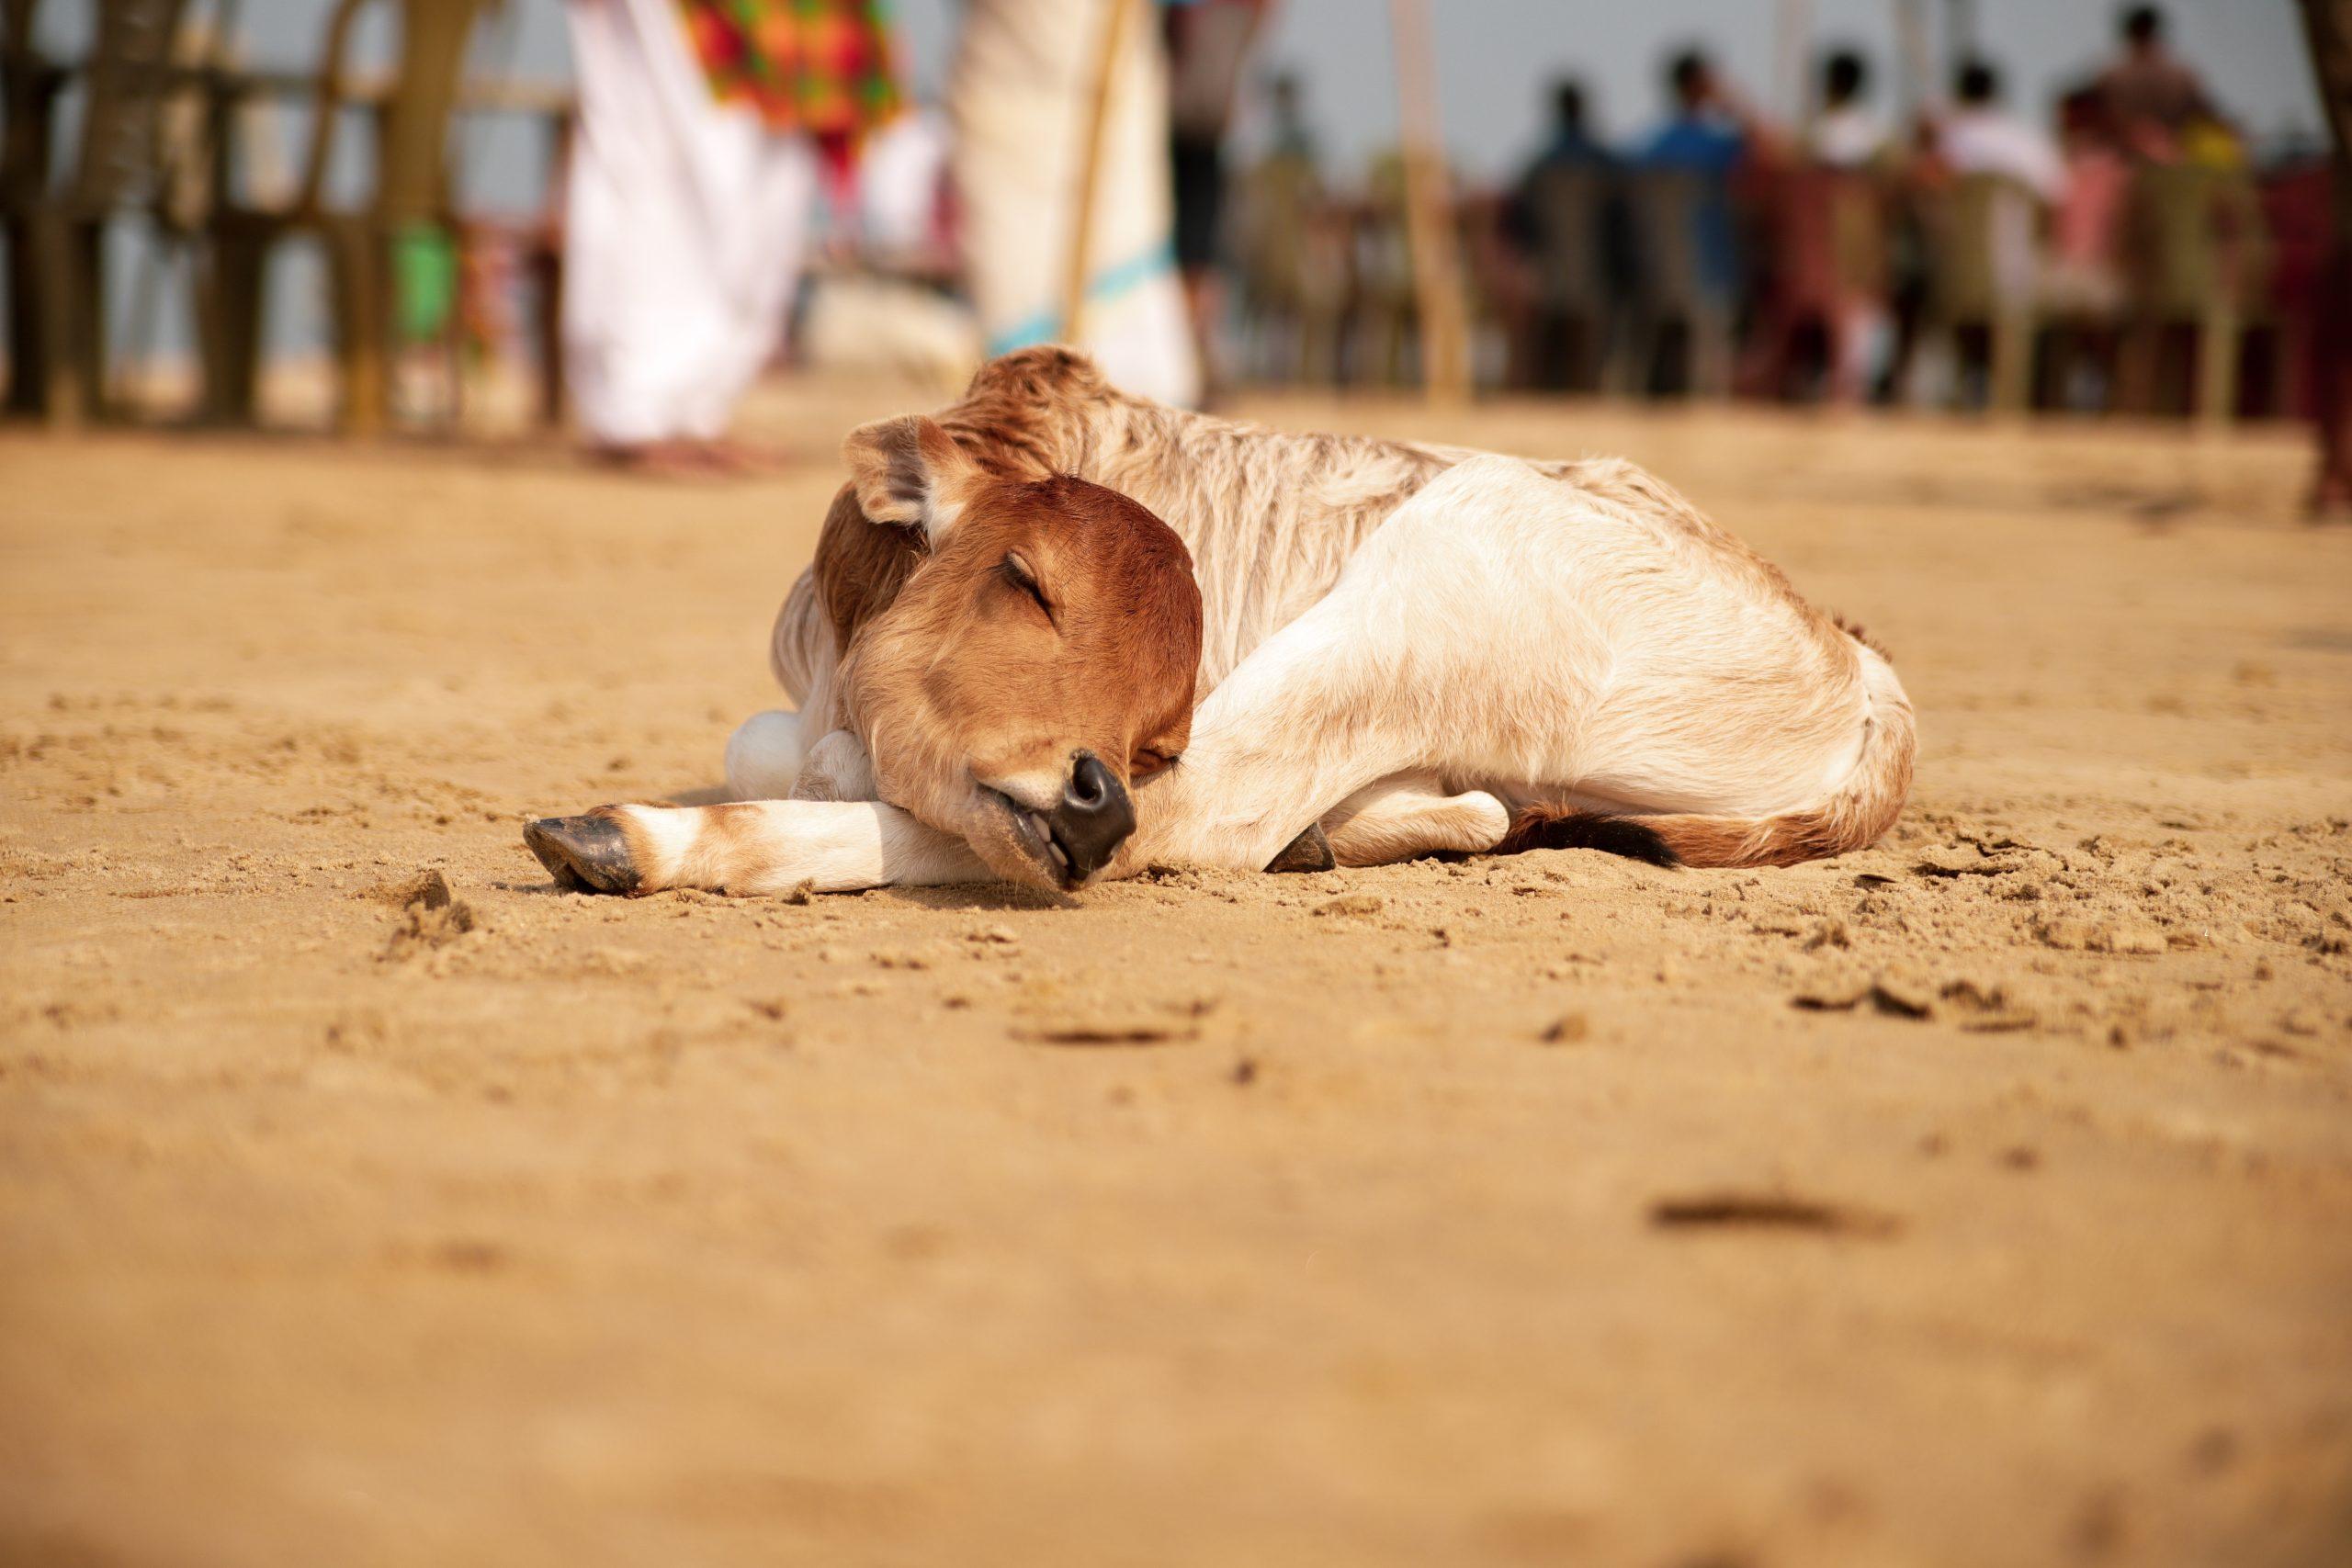 a sleeping calf